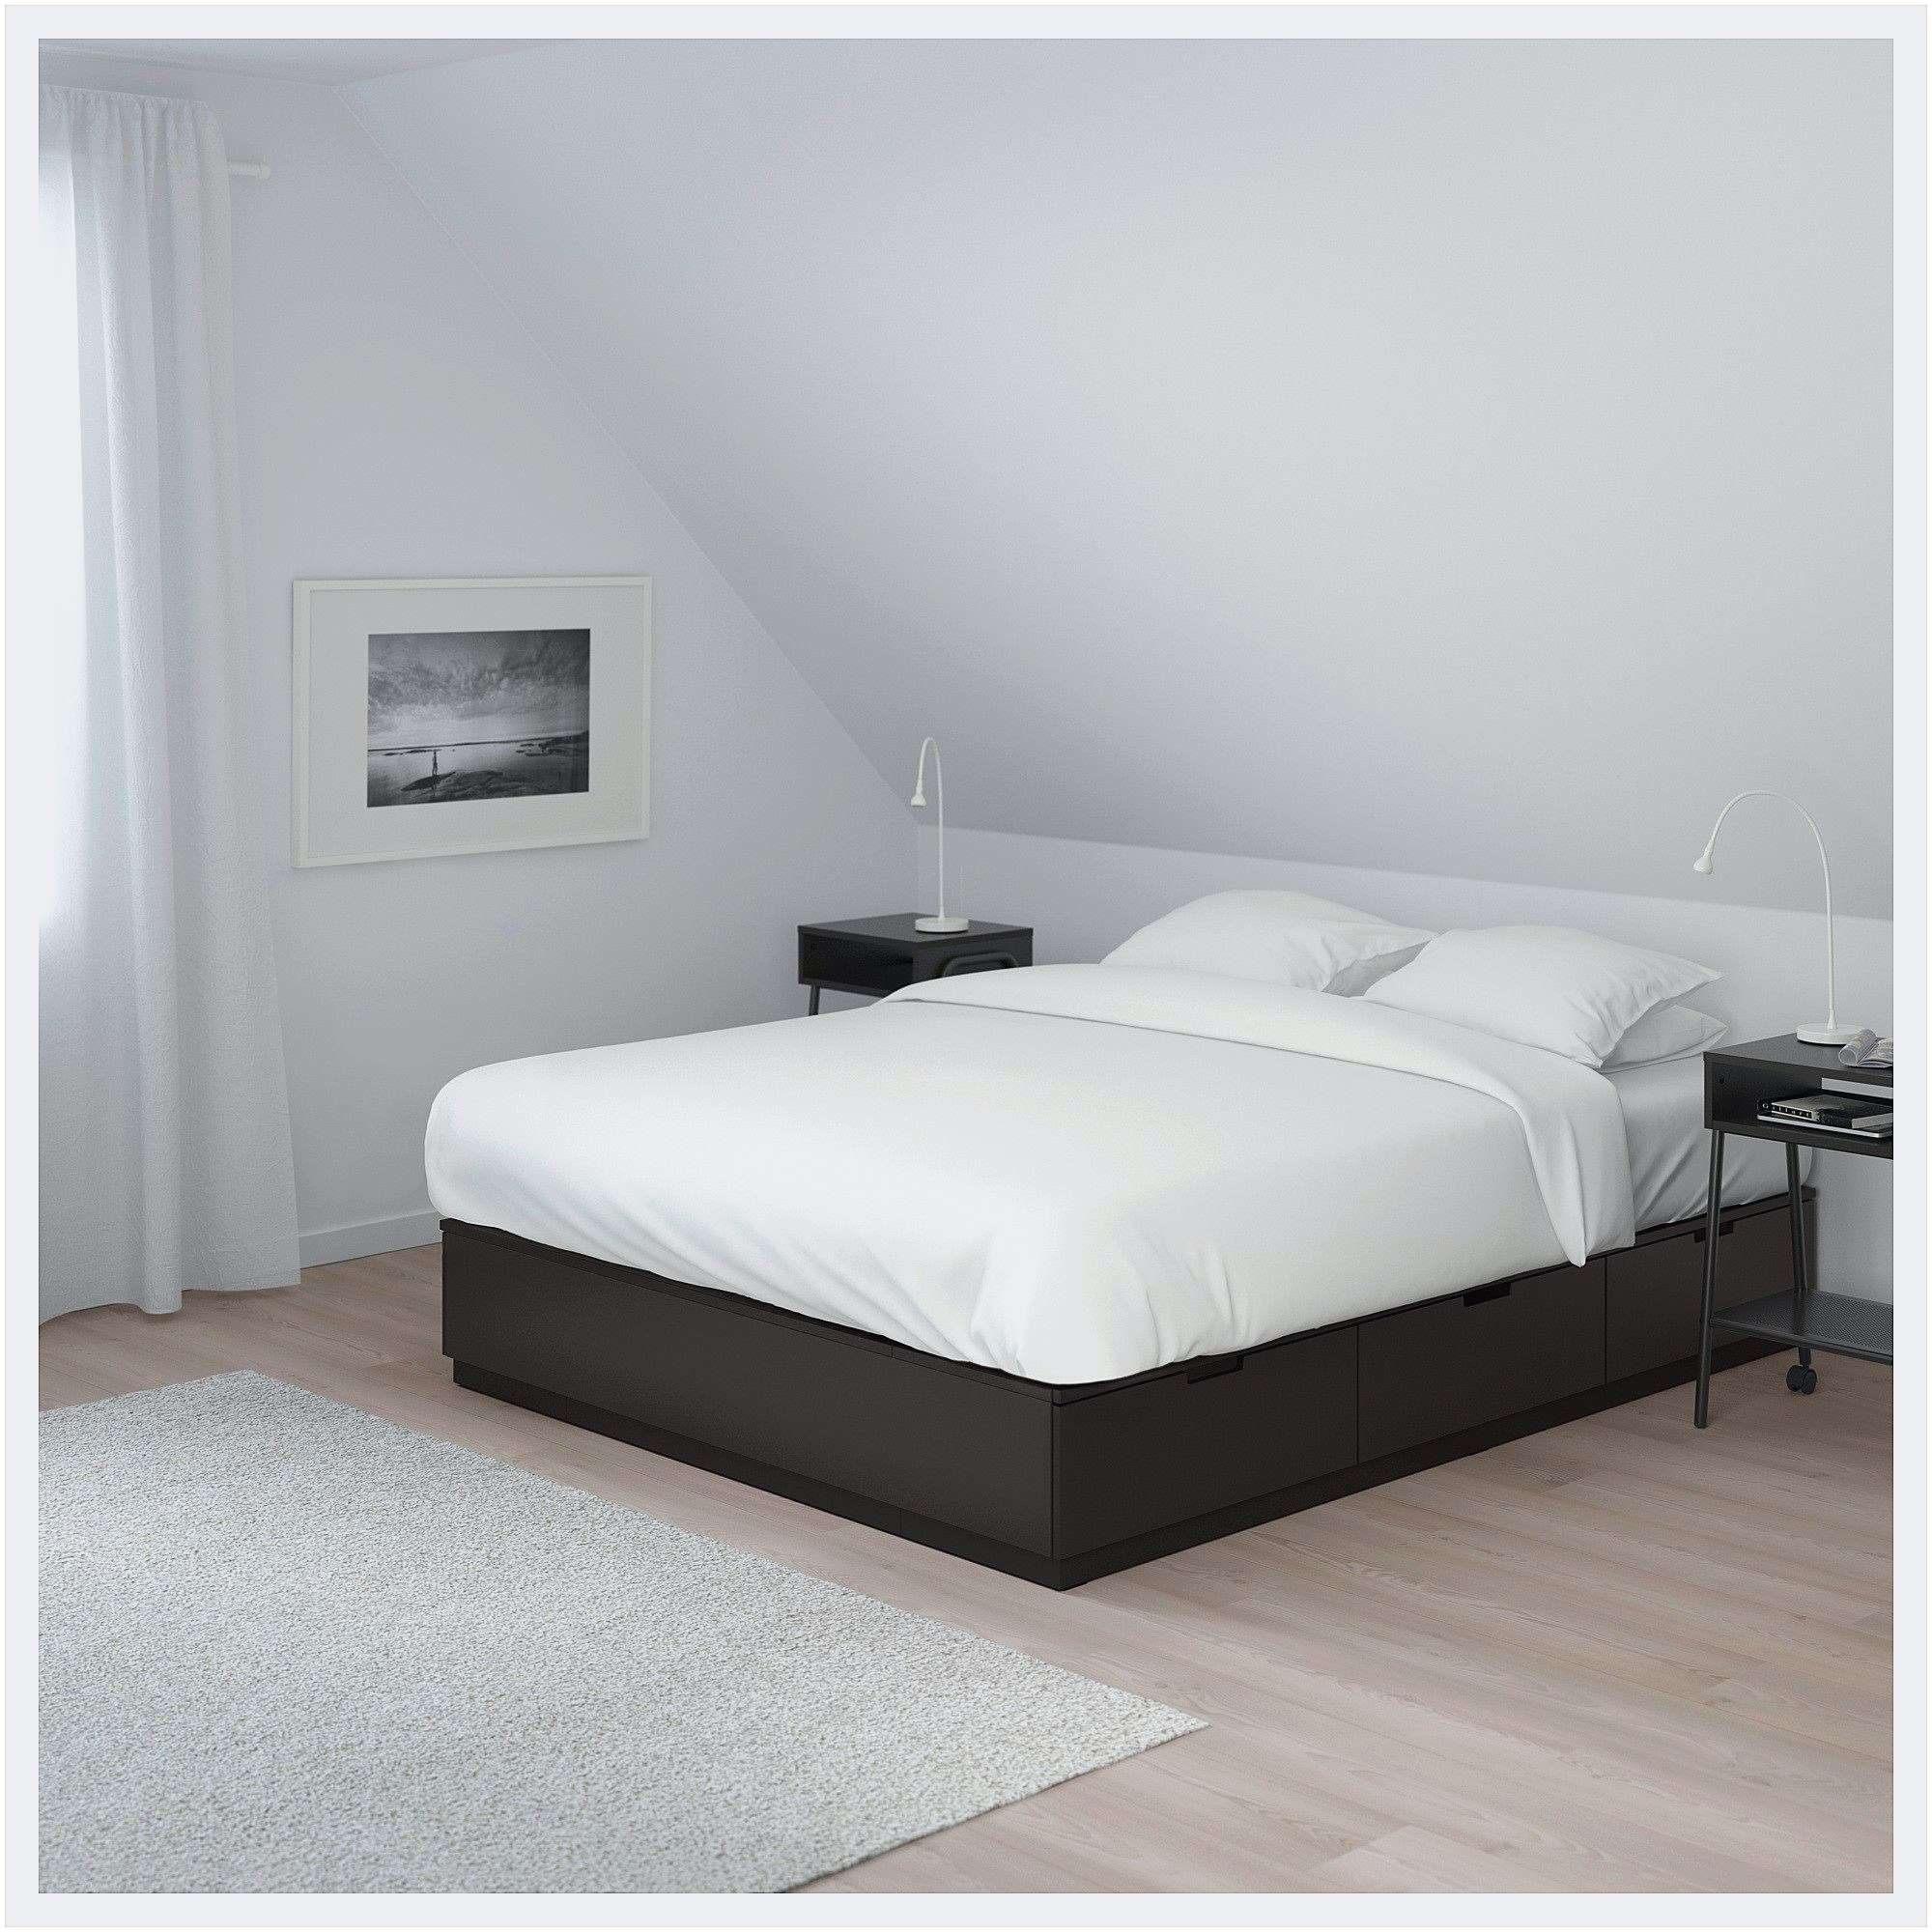 Lit Mezzanine Adulte 160×200 Bel Frais Lit Adulte Design Avec Rangement Pour Alternative Lit